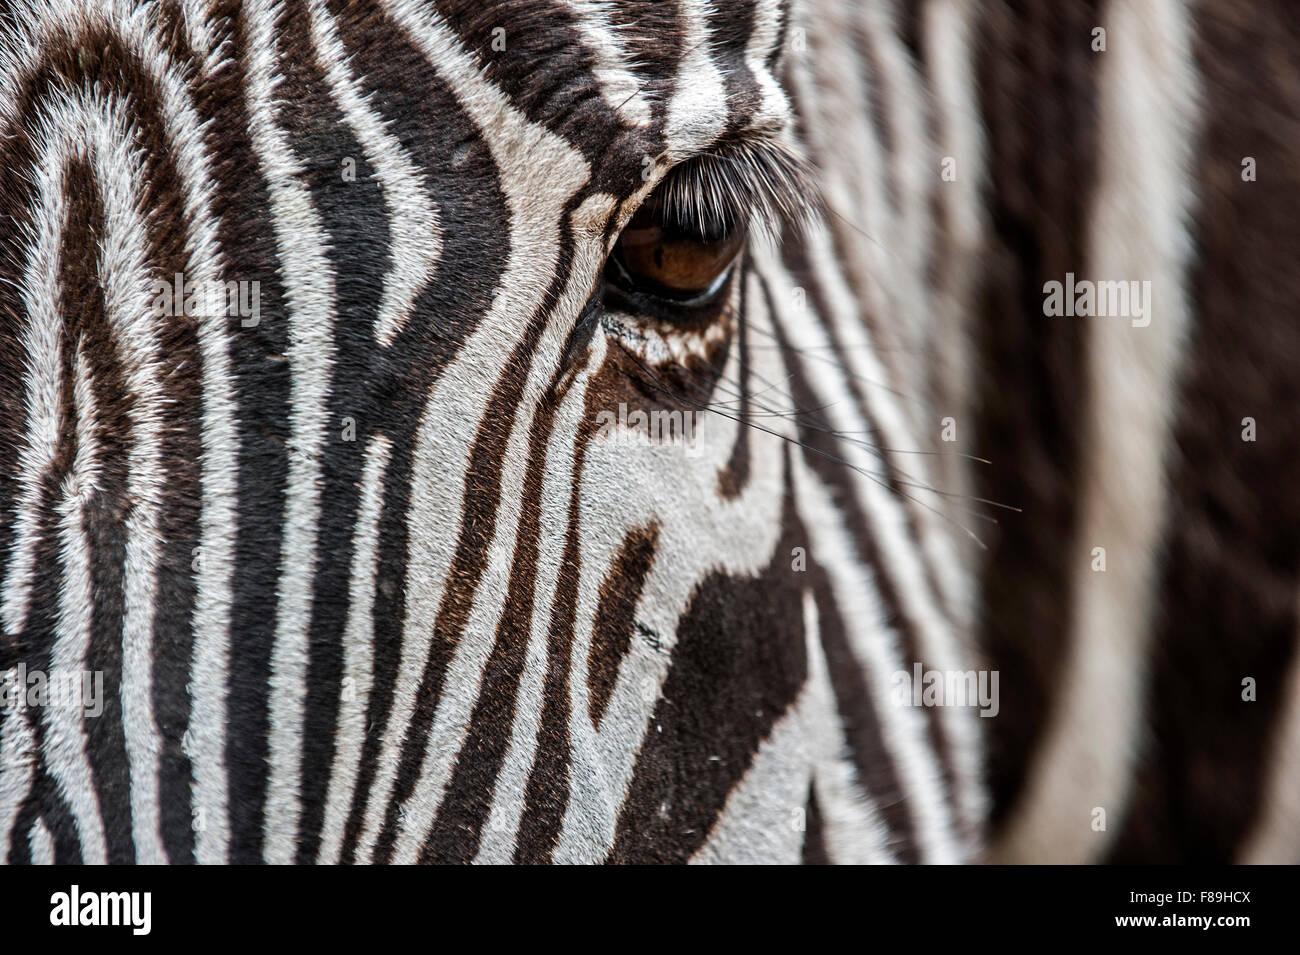 Le Zèbre de Grévy / imperial zebra (Equus grevyi) native du Kenya et l'Éthiopie, près de Photo Stock